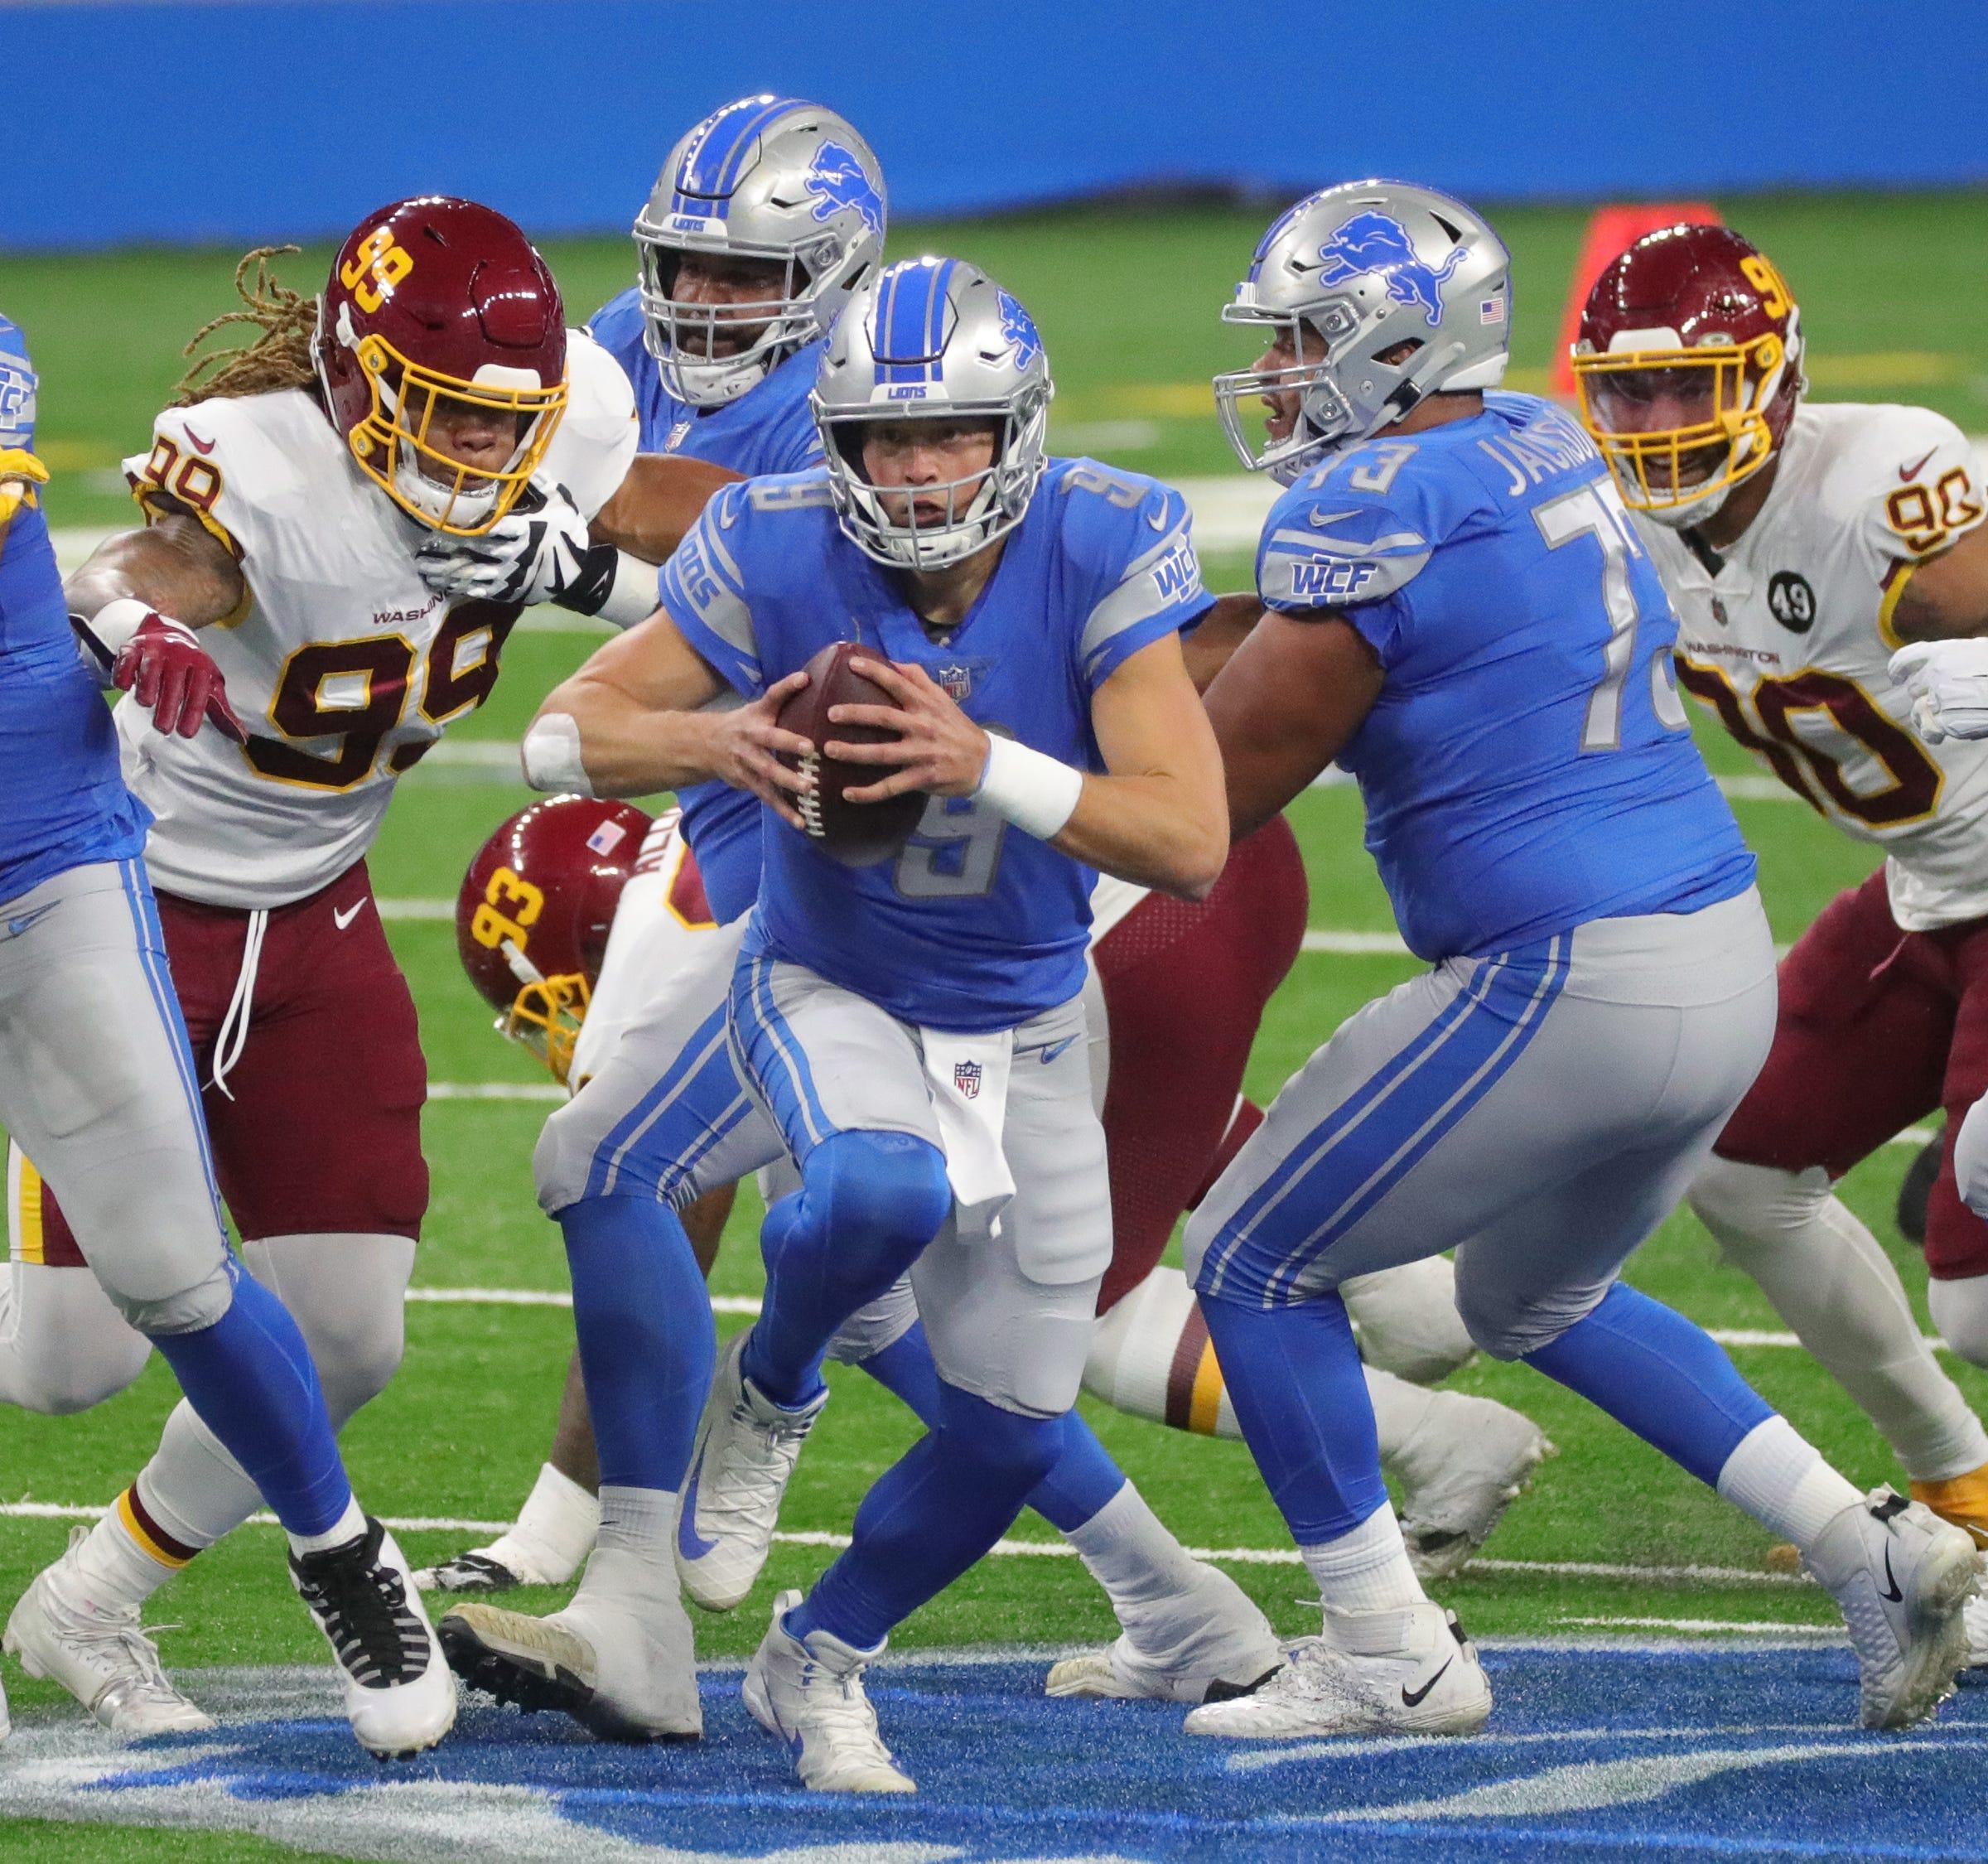 Lions avoid another late collapse, beat Washington on Matt Prater's 59-yard field goal